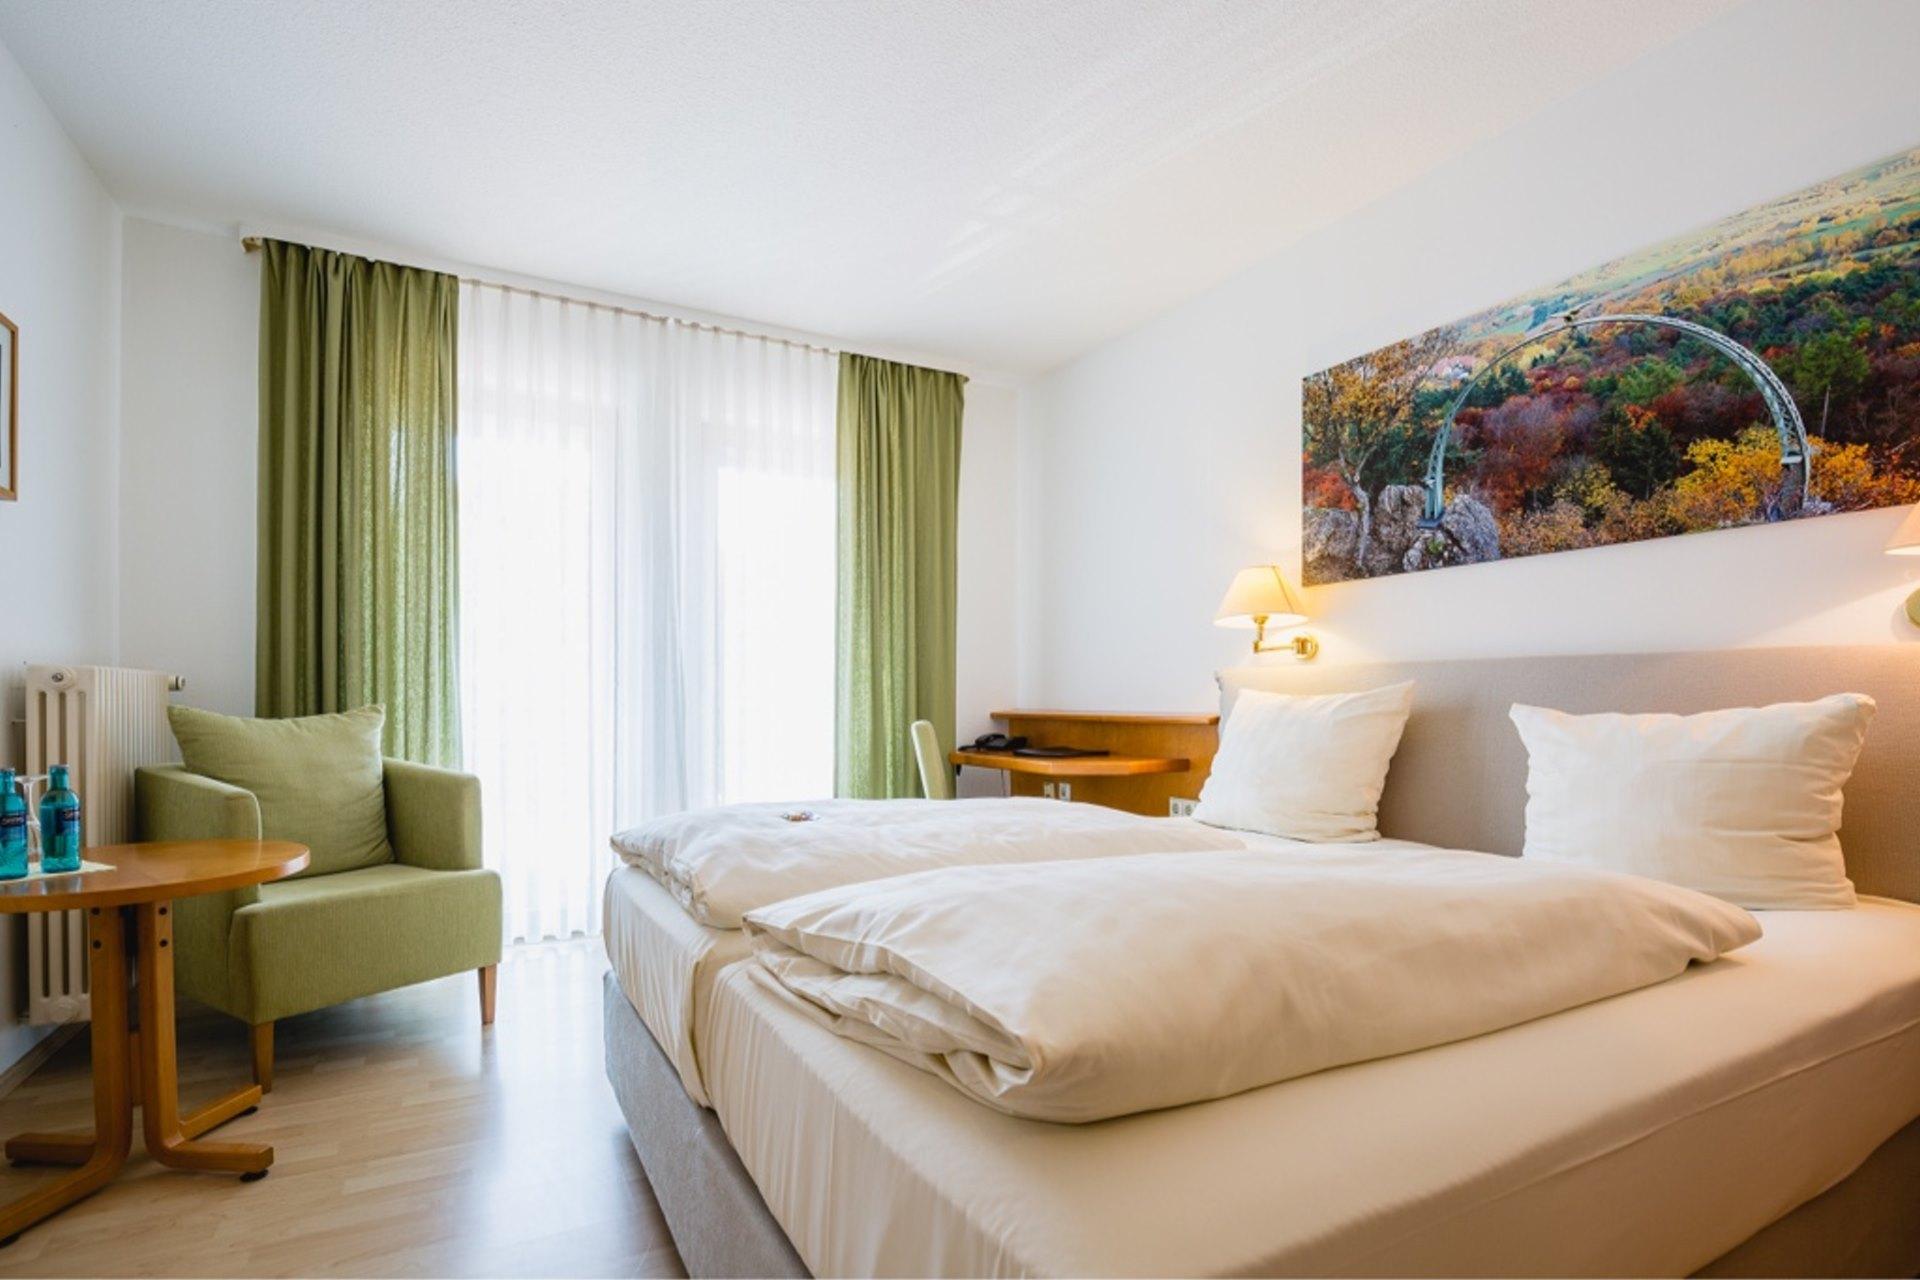 verw hnhotel bastenhaus wohnen und bernachten im zimmertyp ludwigsturm. Black Bedroom Furniture Sets. Home Design Ideas